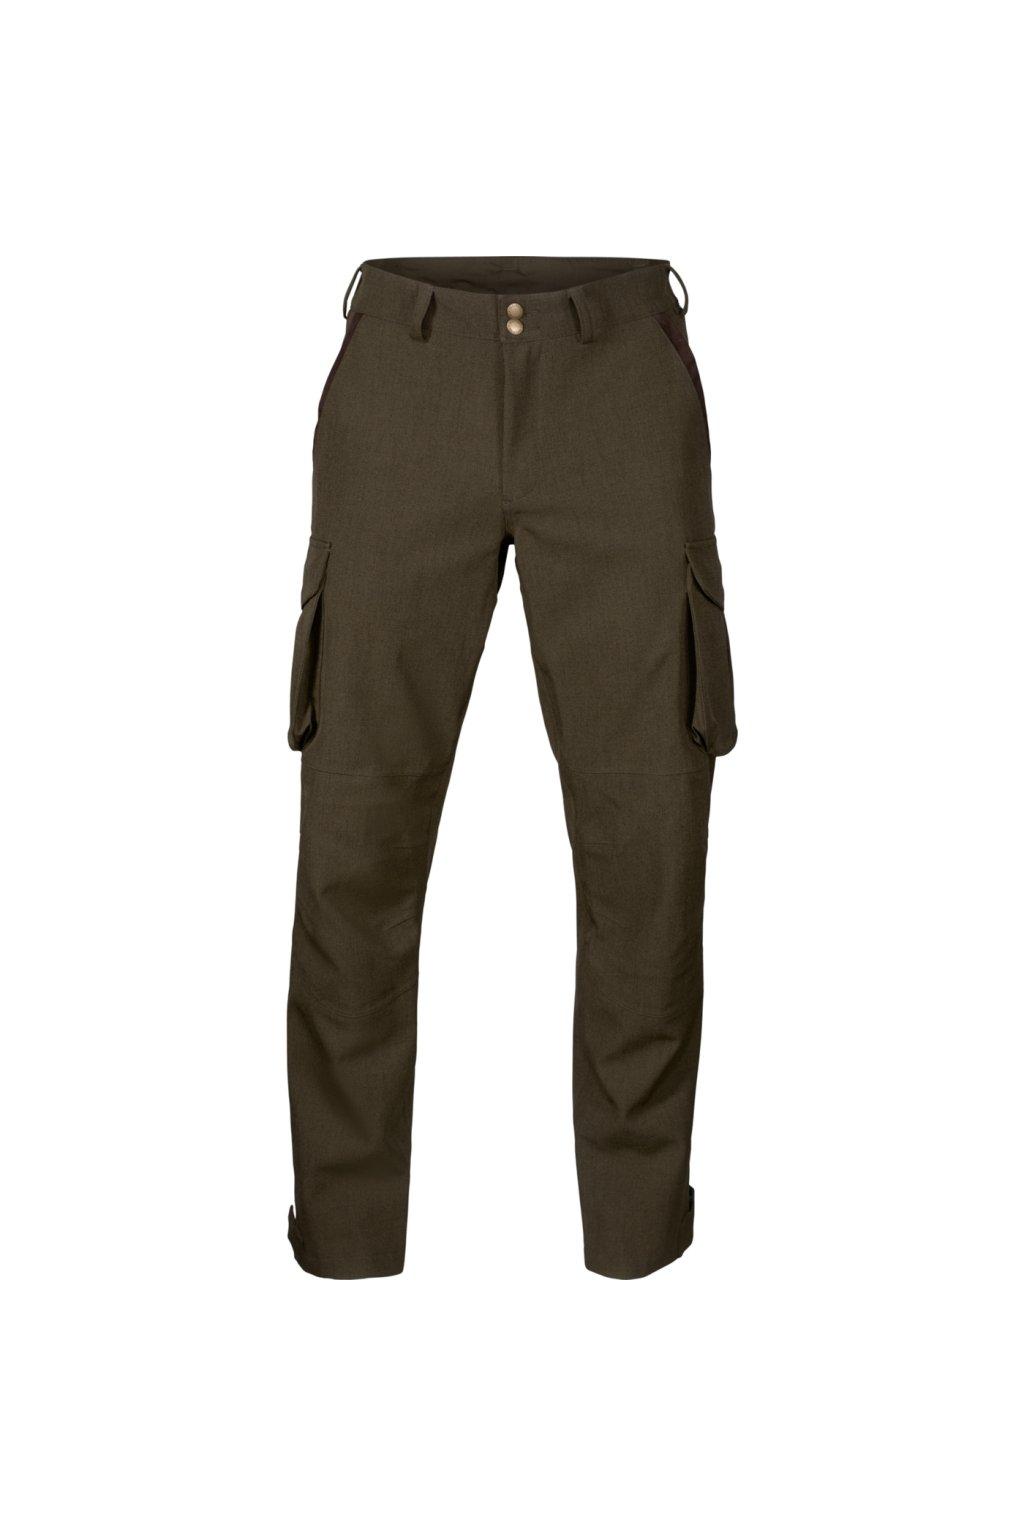 Seeland - Woodcock Advanced kalhoty pánské